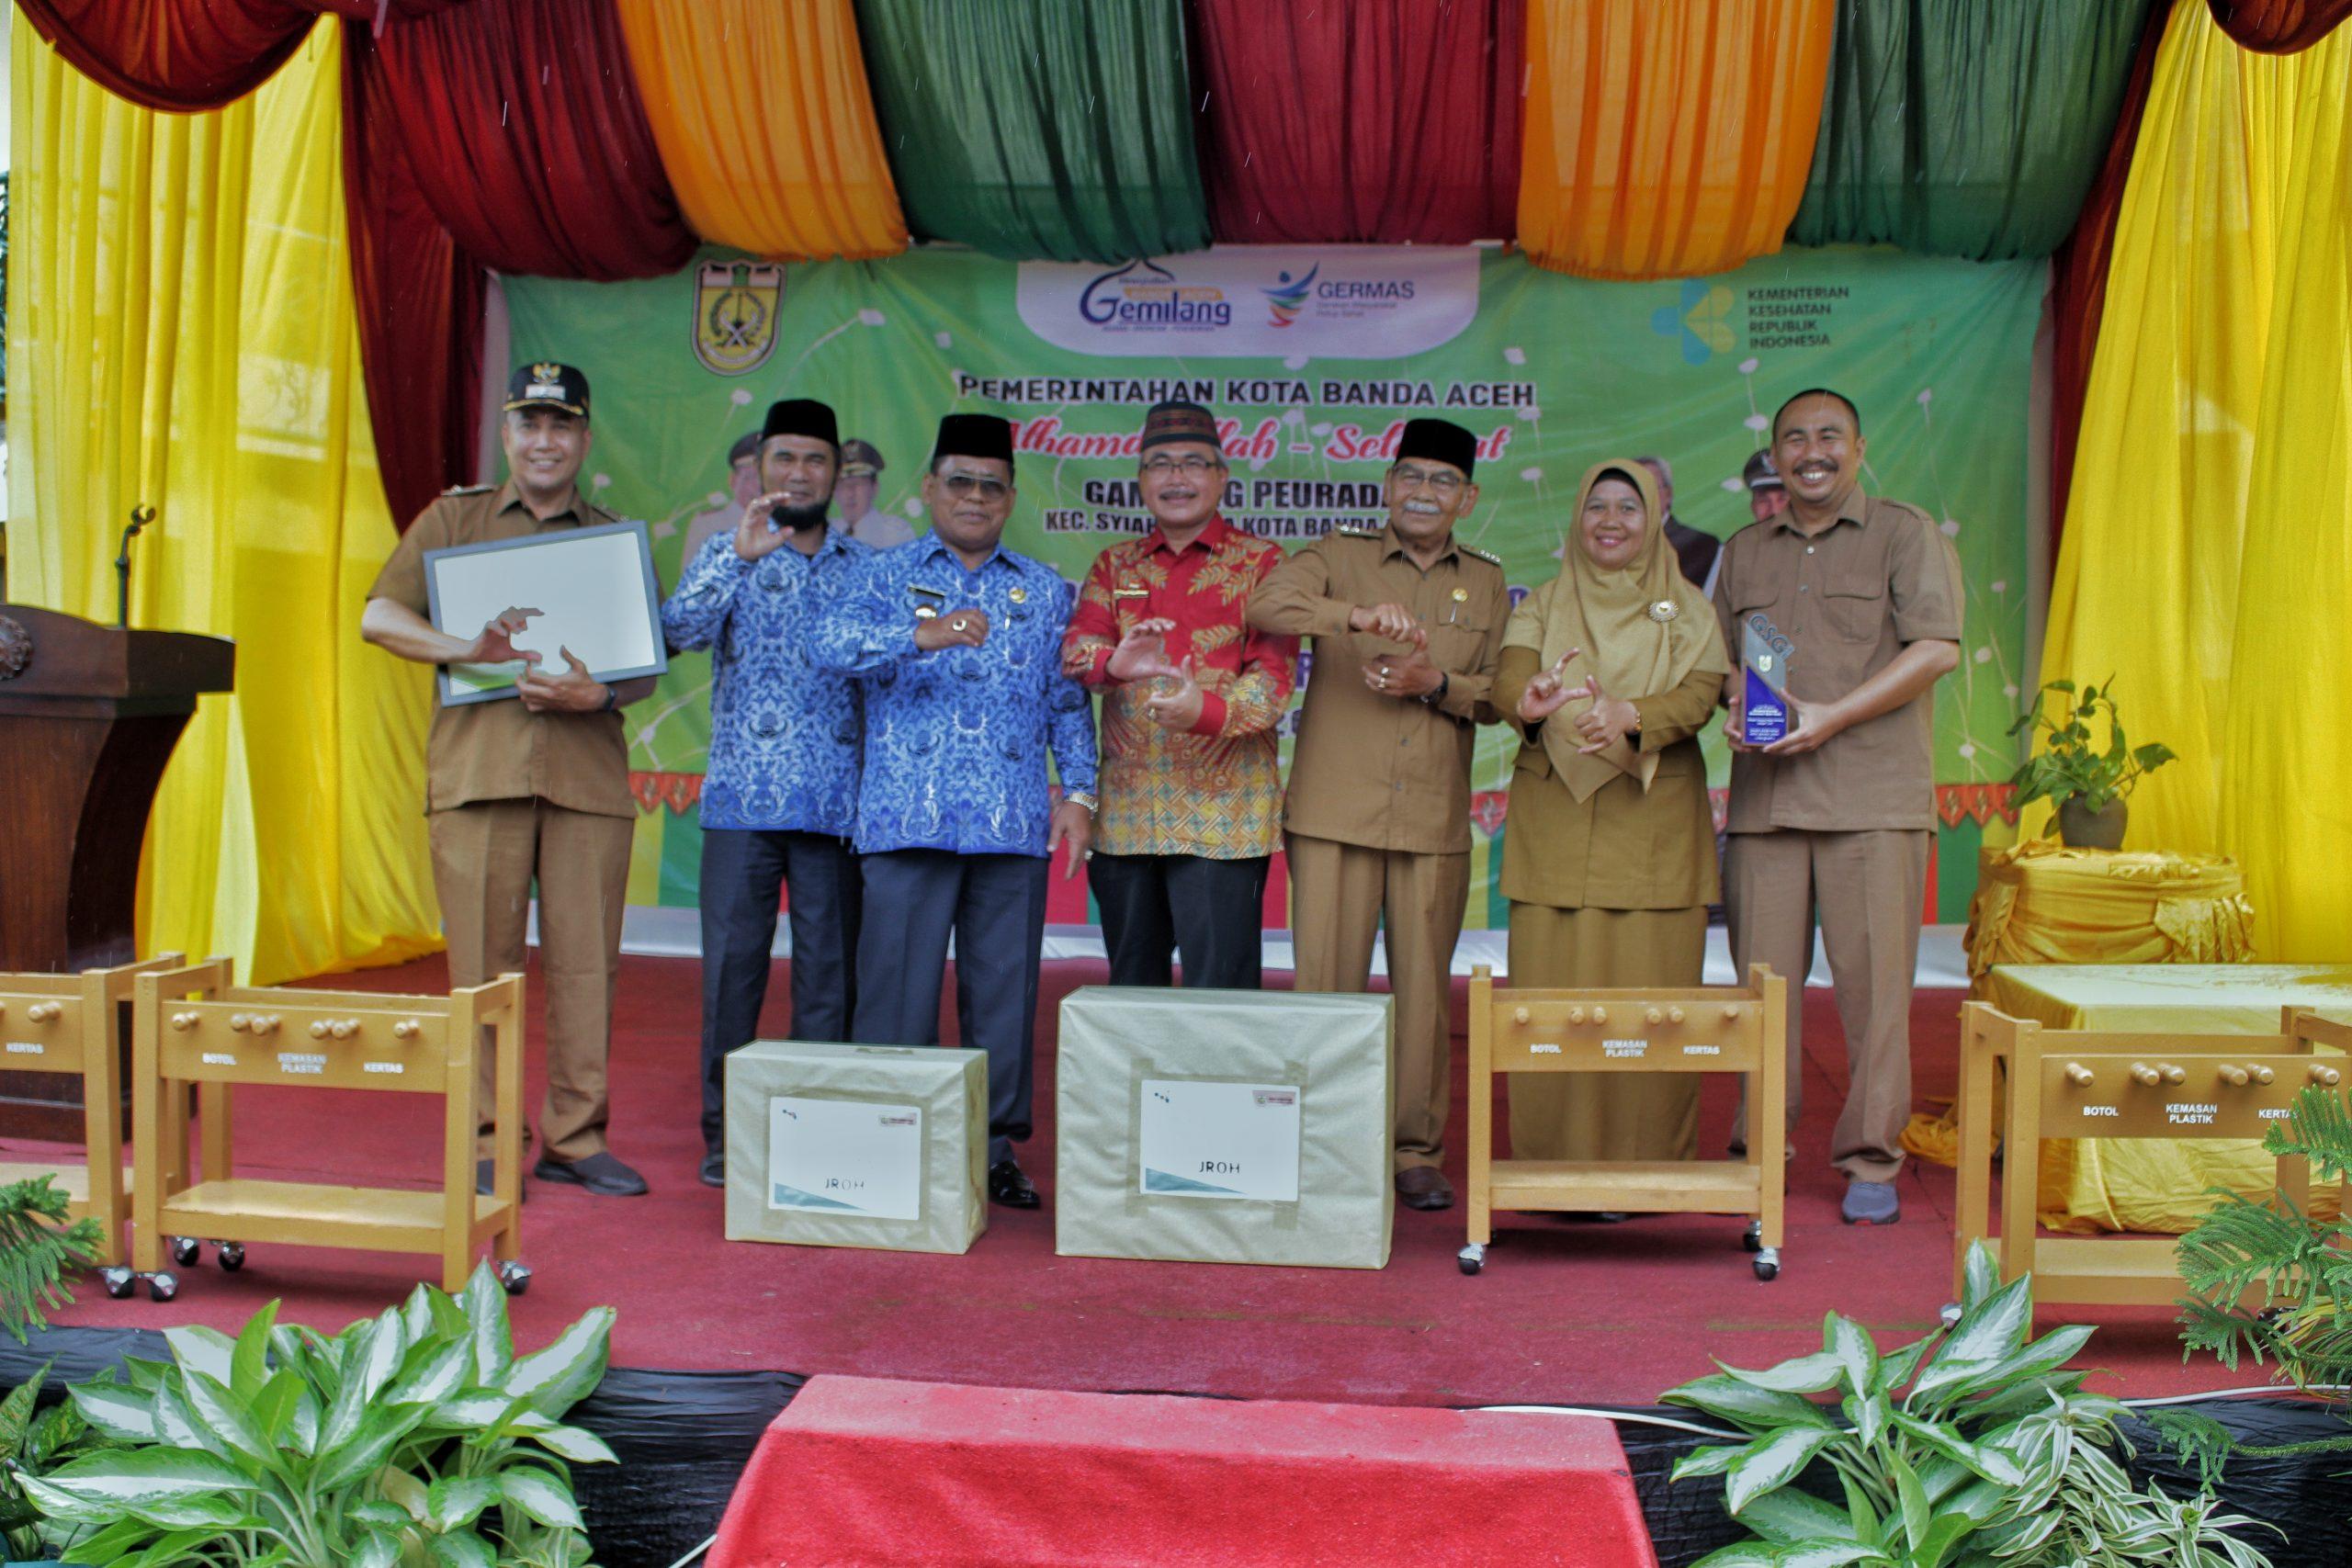 Gampong Peurada Dinobatkan Sebagai Juara Gampong Sehat Gemilang